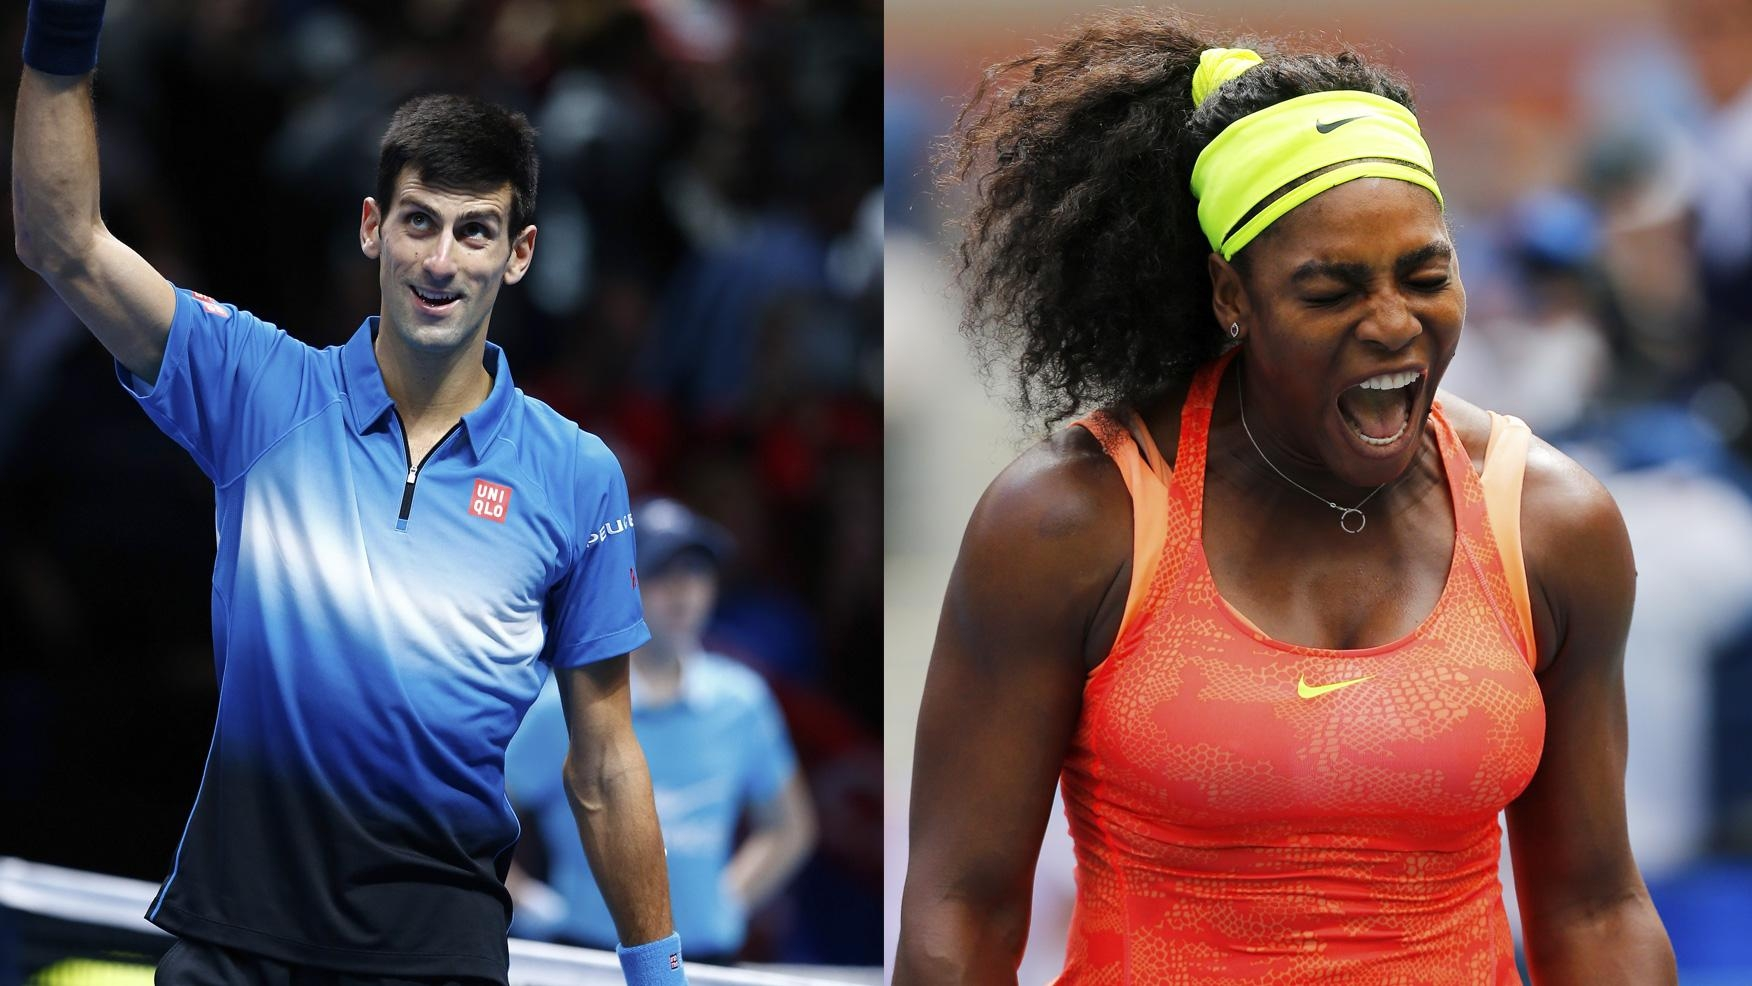 Серена Уильямс и Азаренка Виктория разыграют финальный матч, US Open, сделать ставки на теннис